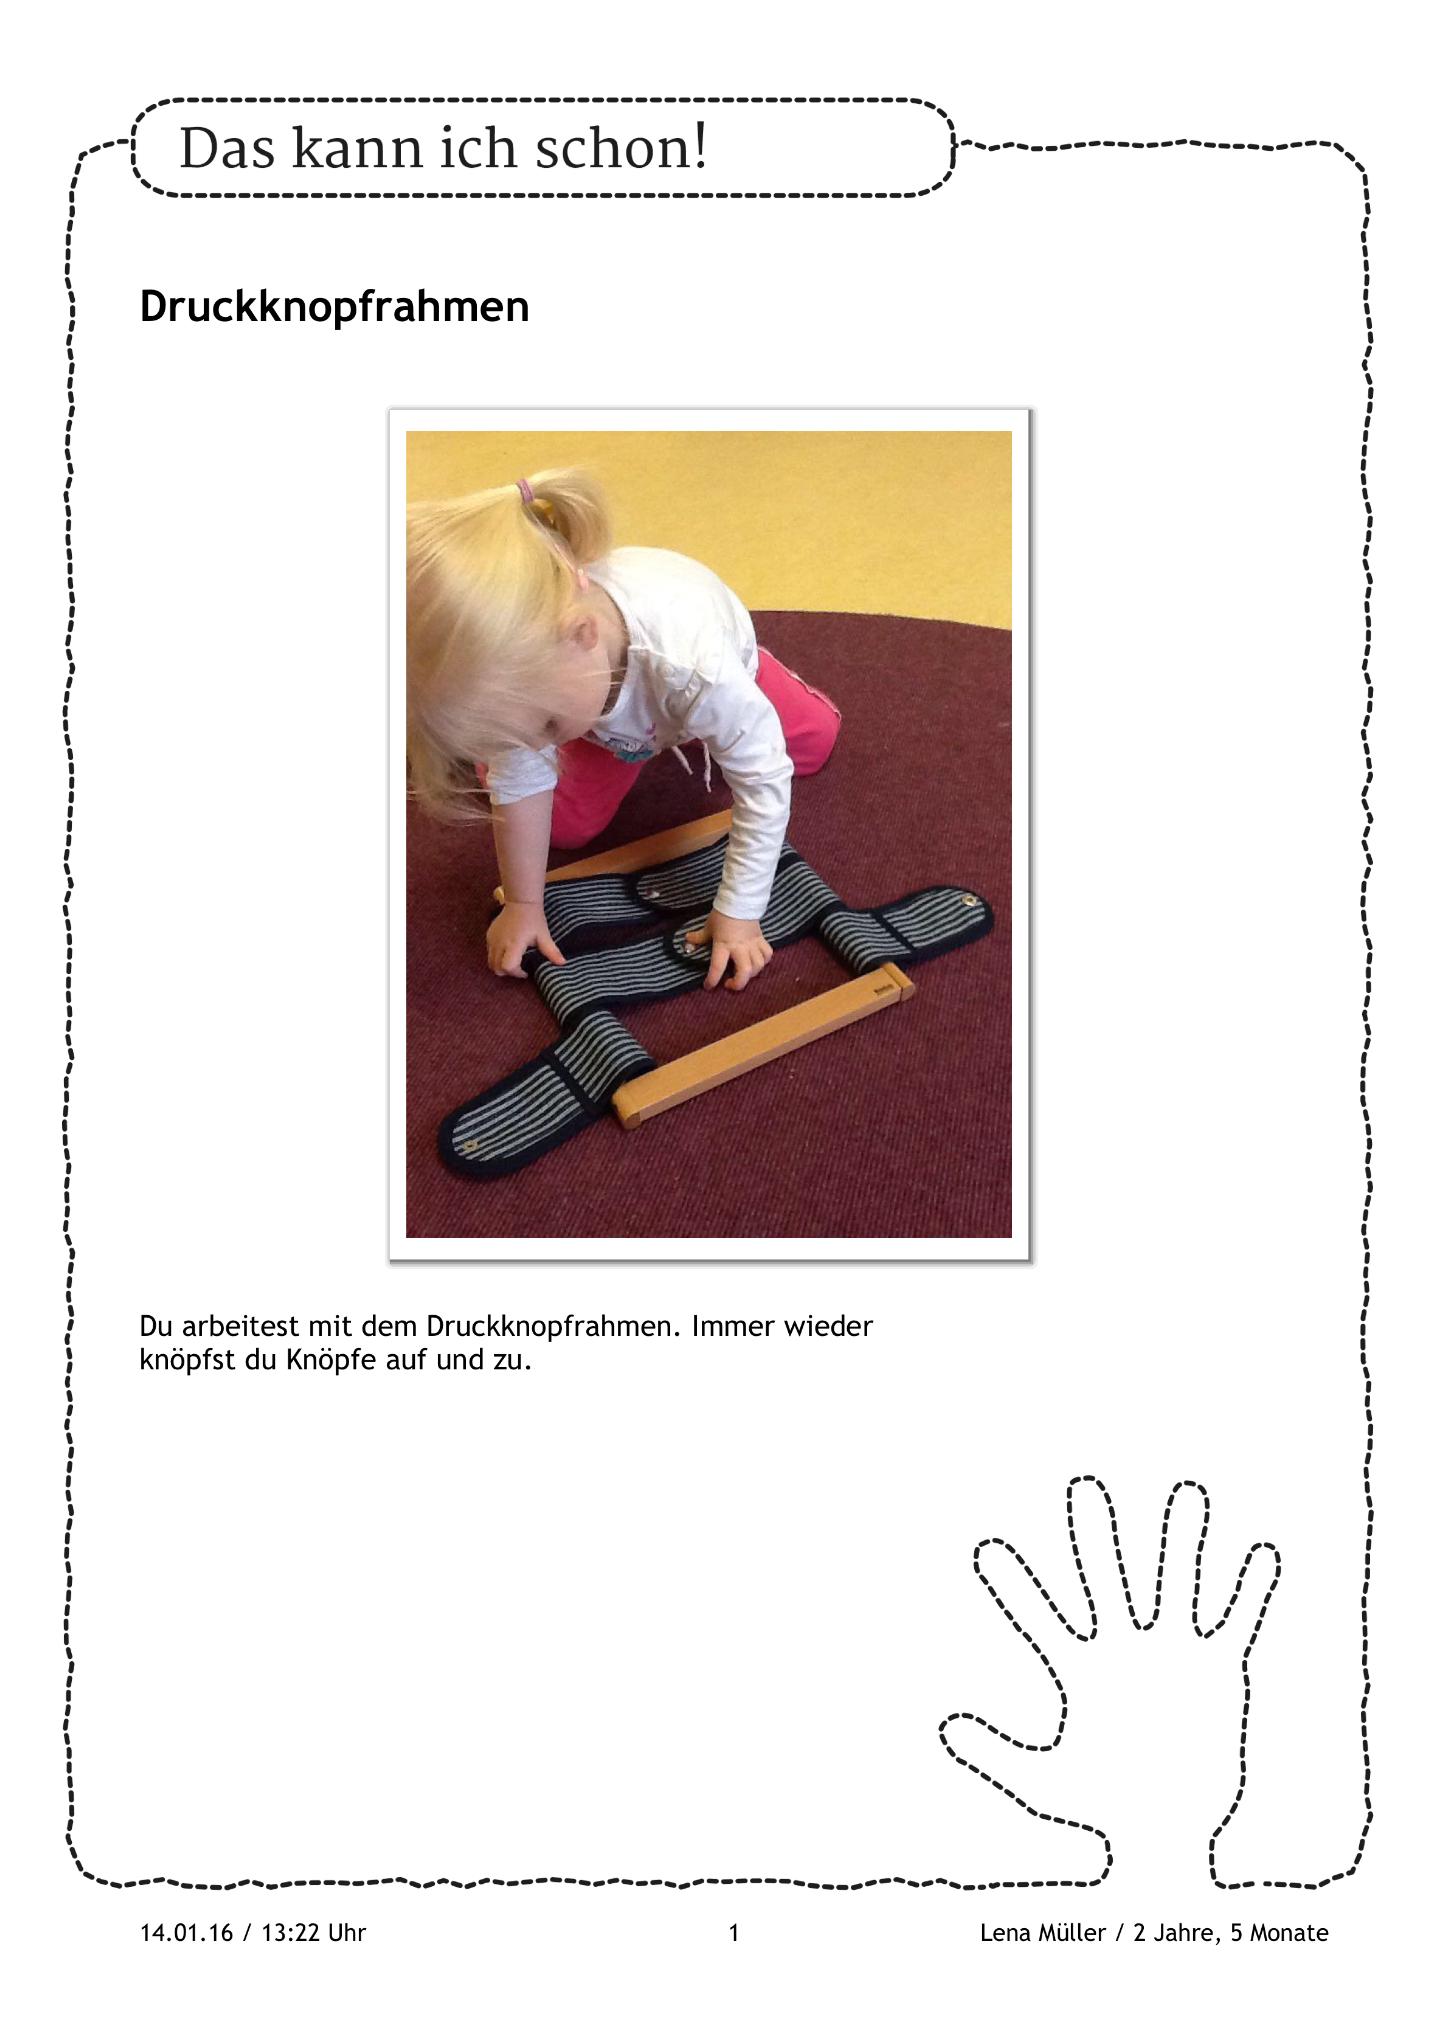 Die Entwicklung Der Kinder Erlebbar Machen Wie Das Geht Mit Einem Portfolio Stepfolio Errechnet Automati Vorschulbuch Portfolio Kindergarten Portfolioarbeit